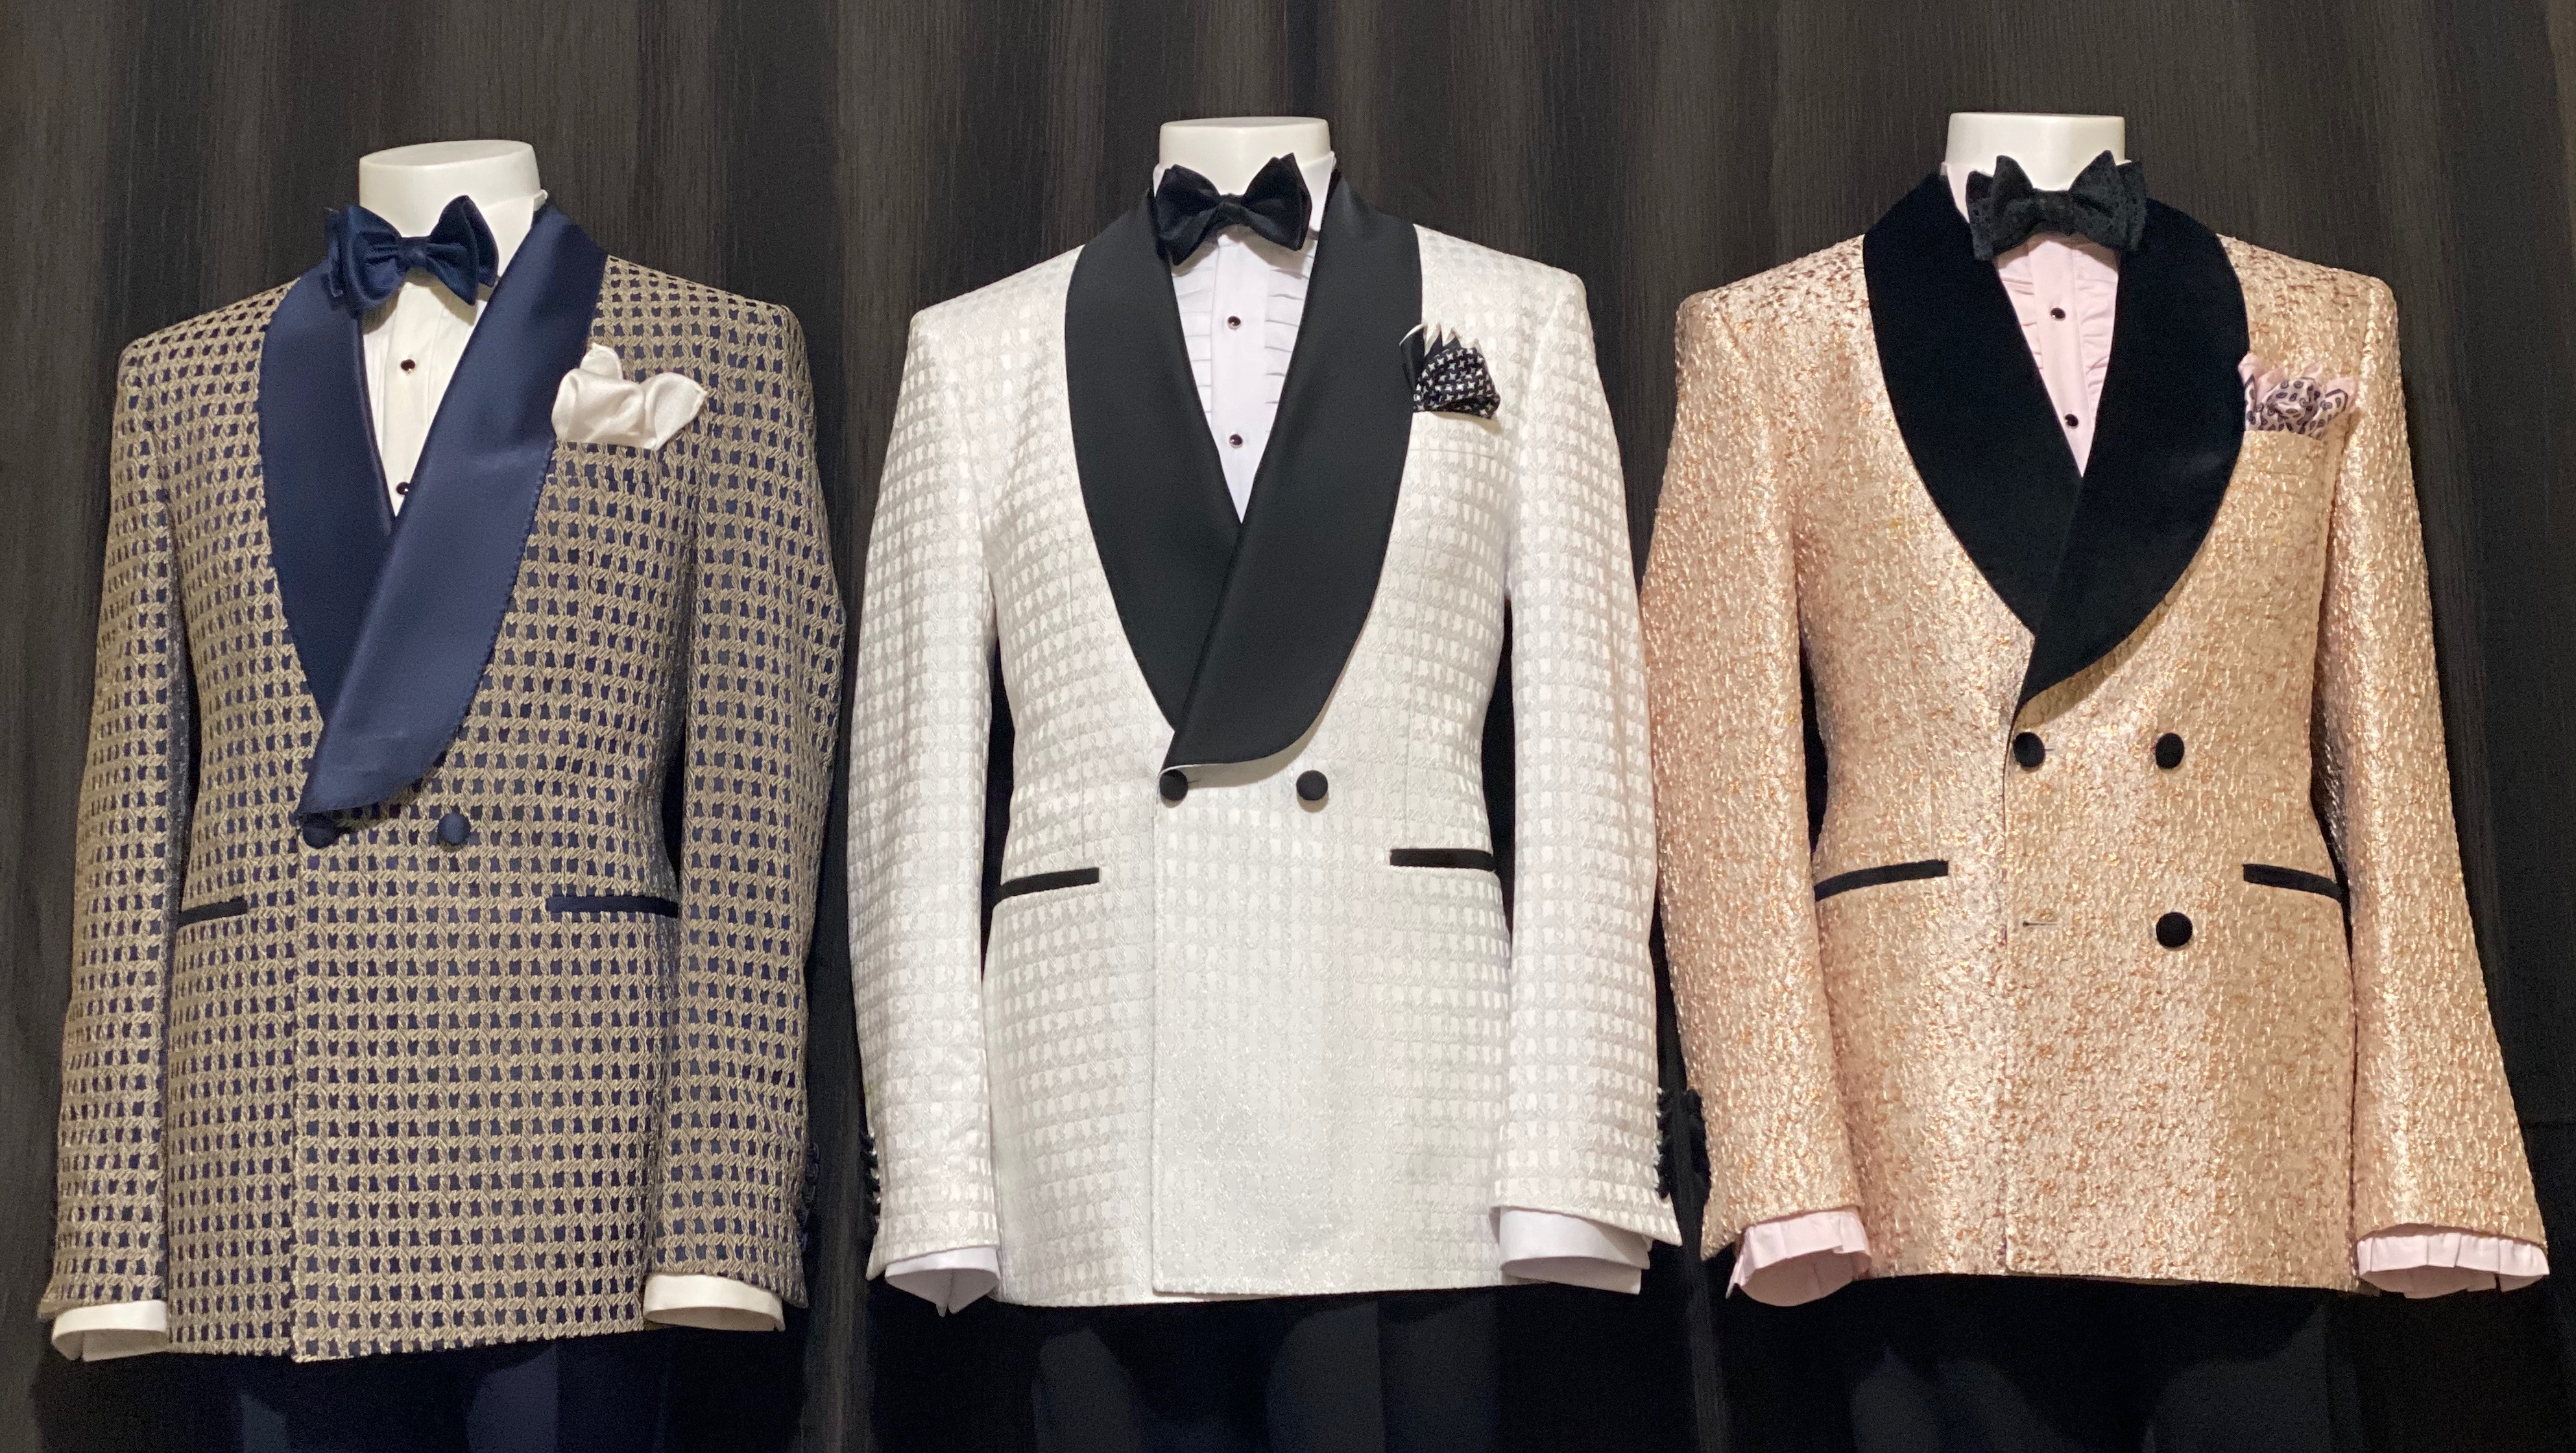 Tuxedos on display.